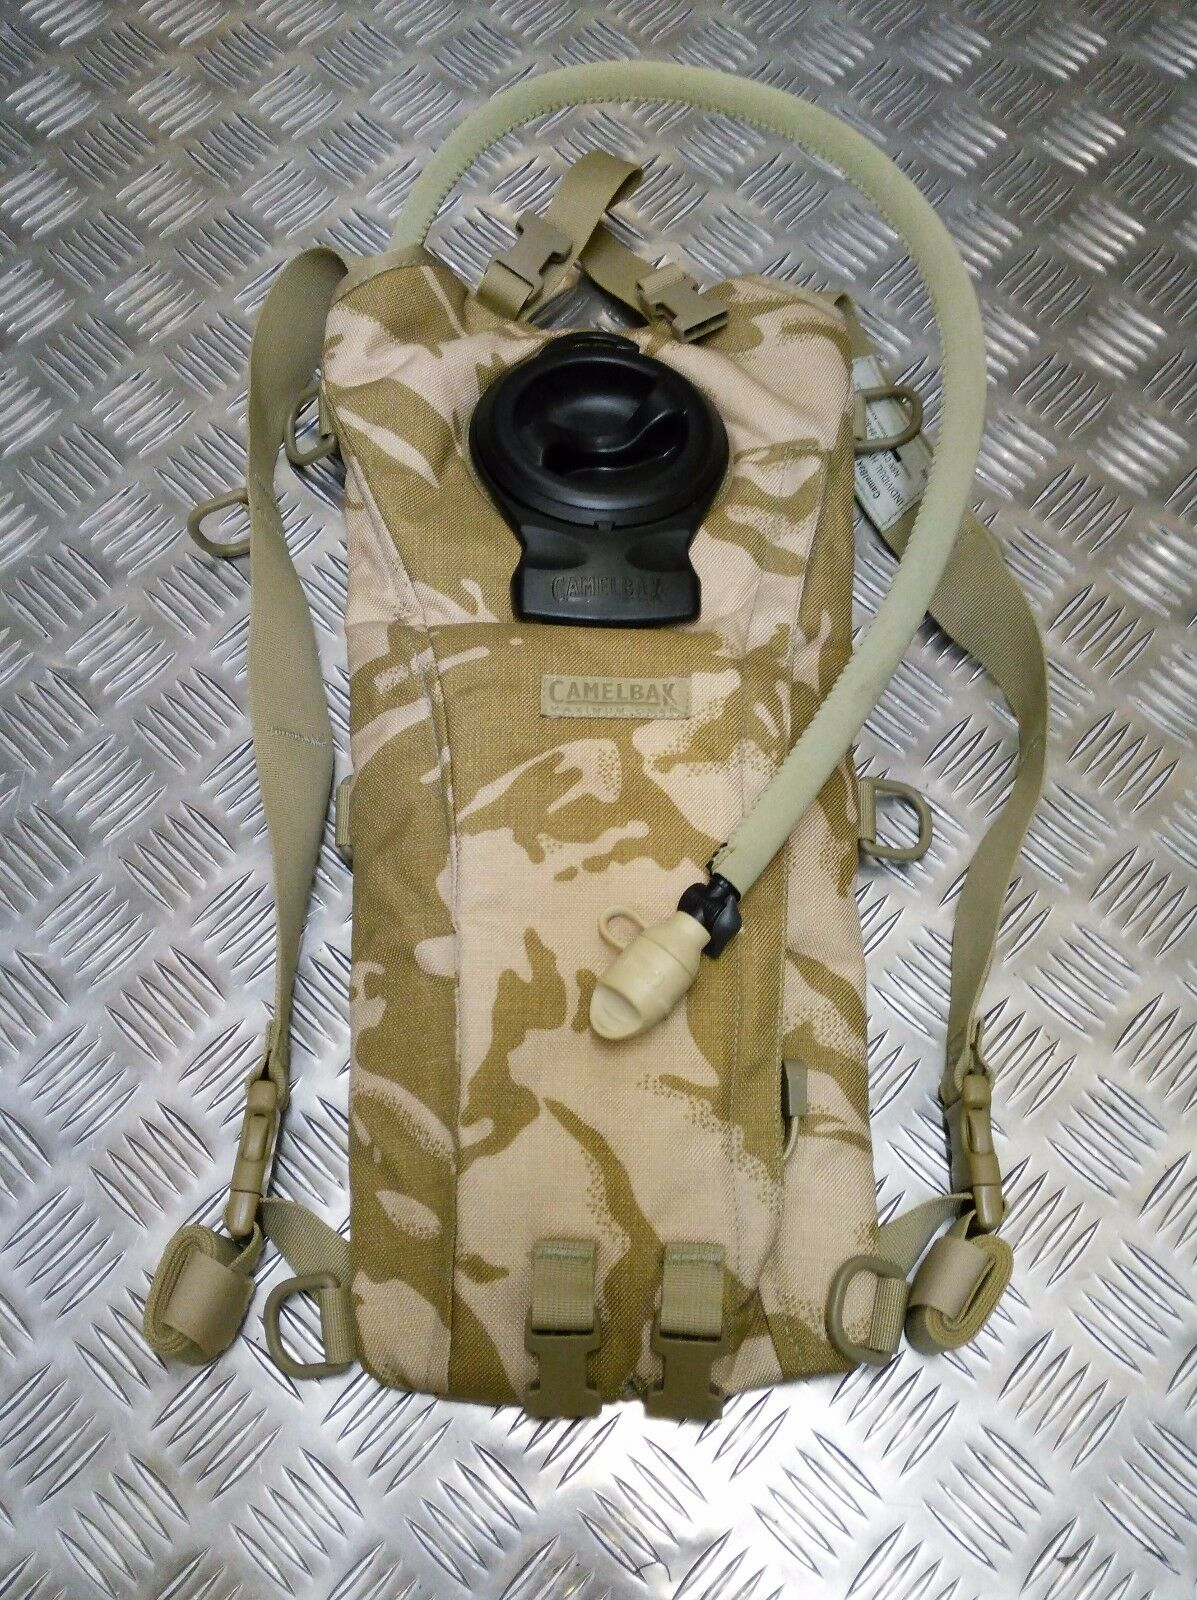 Echtes Britisches Armee Ausgabe CamelBak Trinksystem DPP WÜSTE CAMOUFLAGE 2.2L L